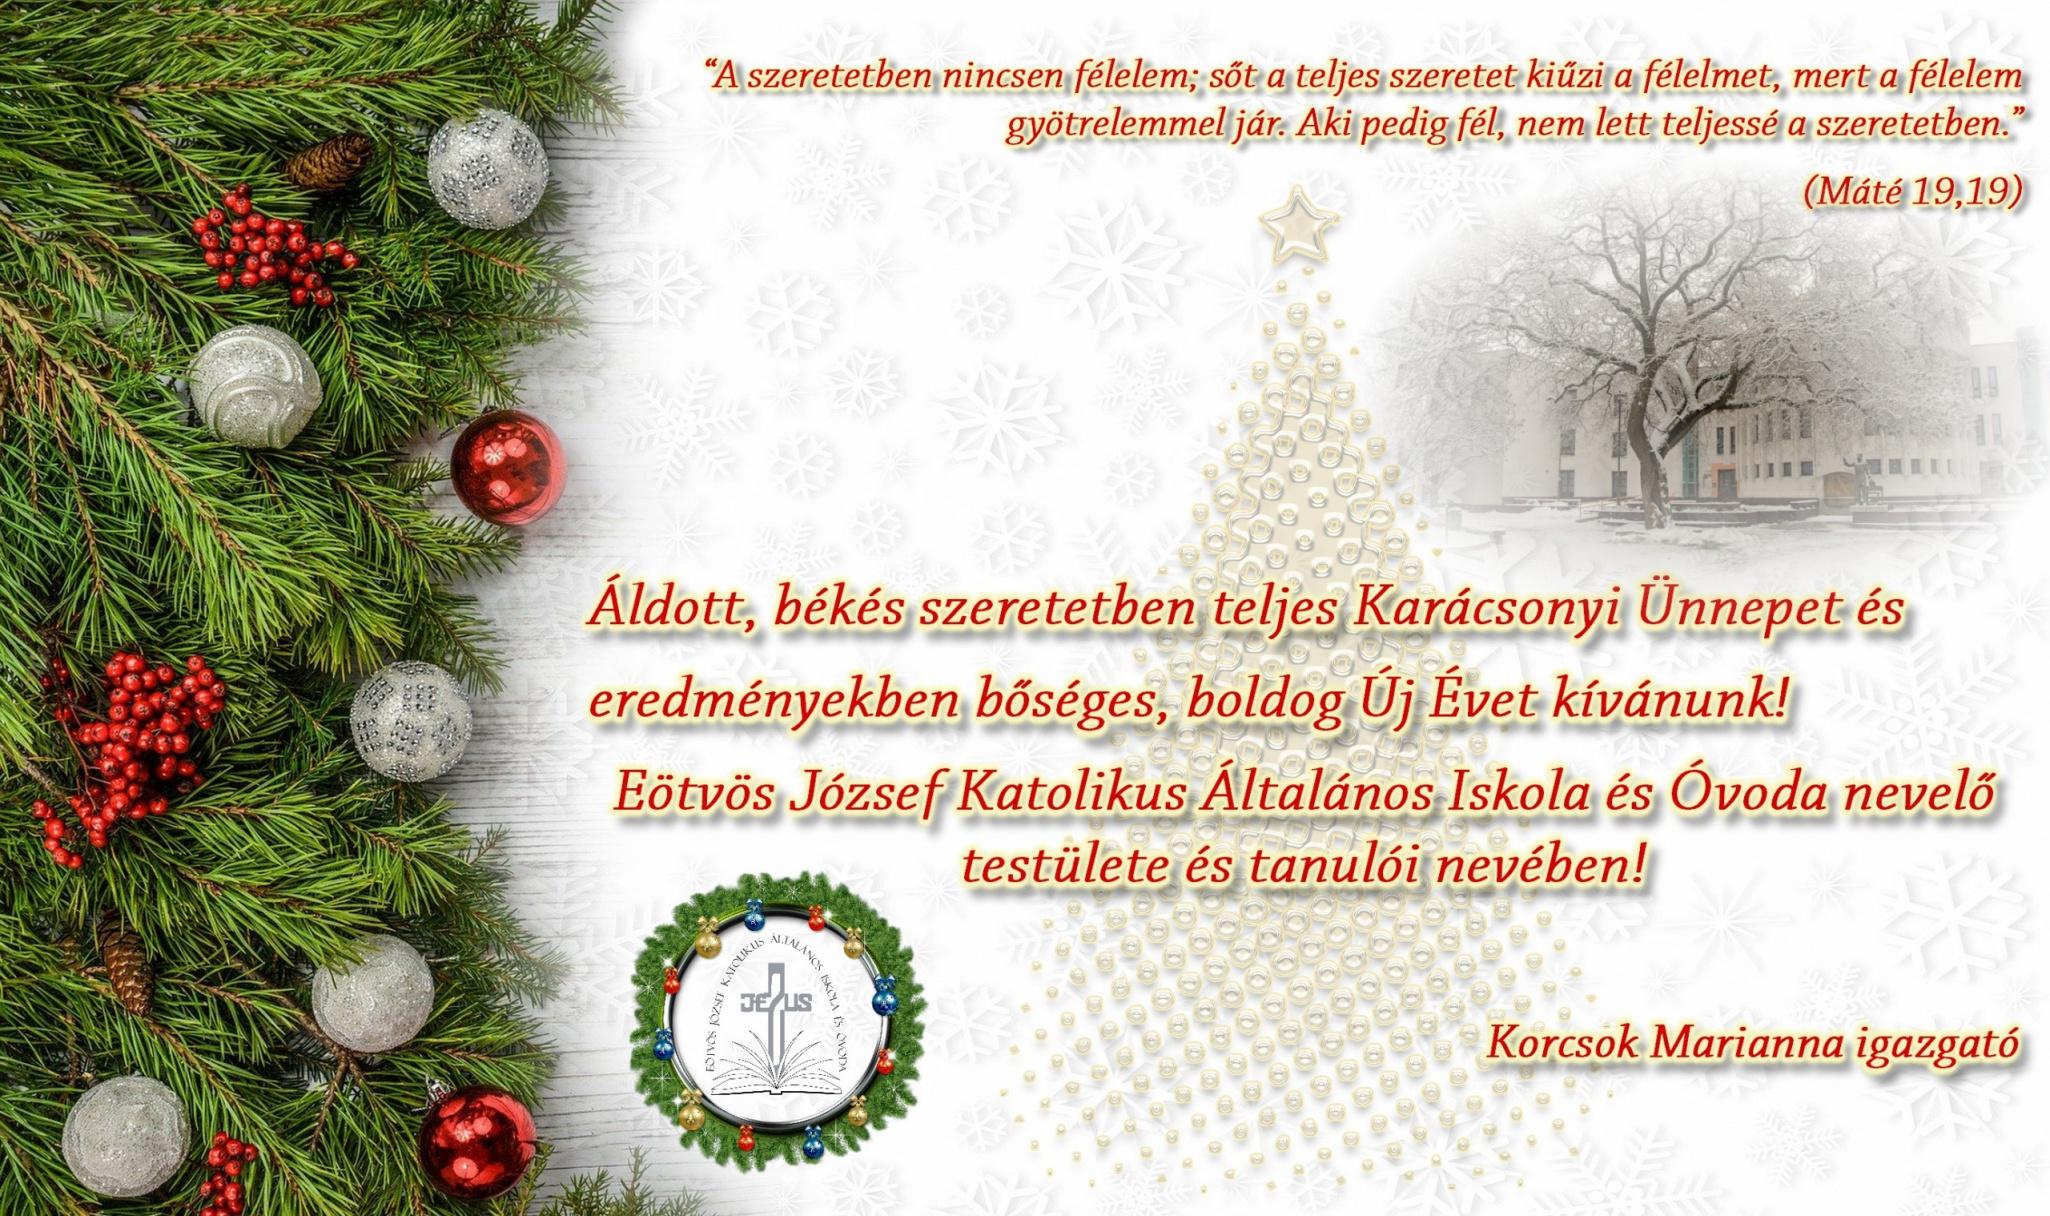 Karácsonyi Képeslap 2019